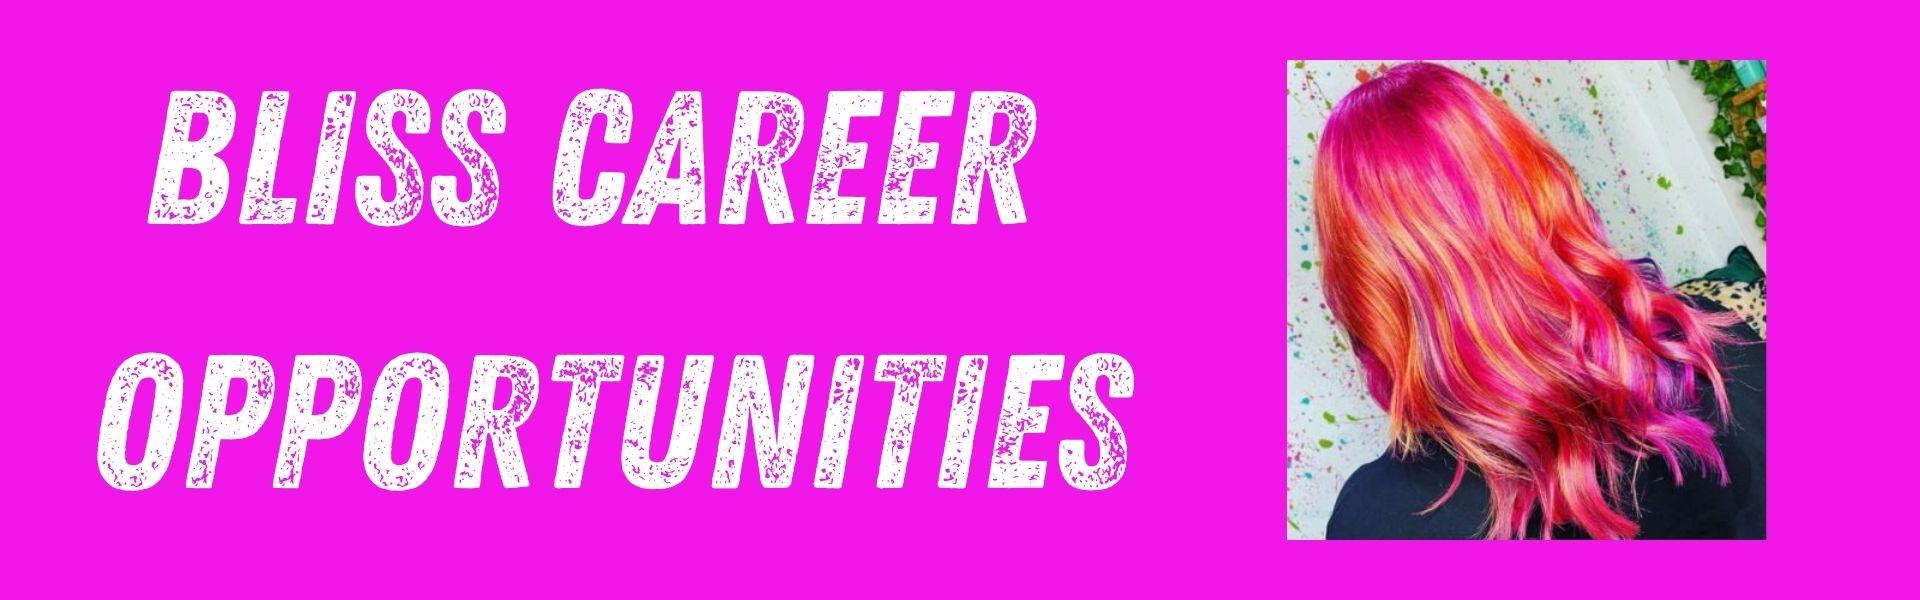 Bliss Career Opportunities